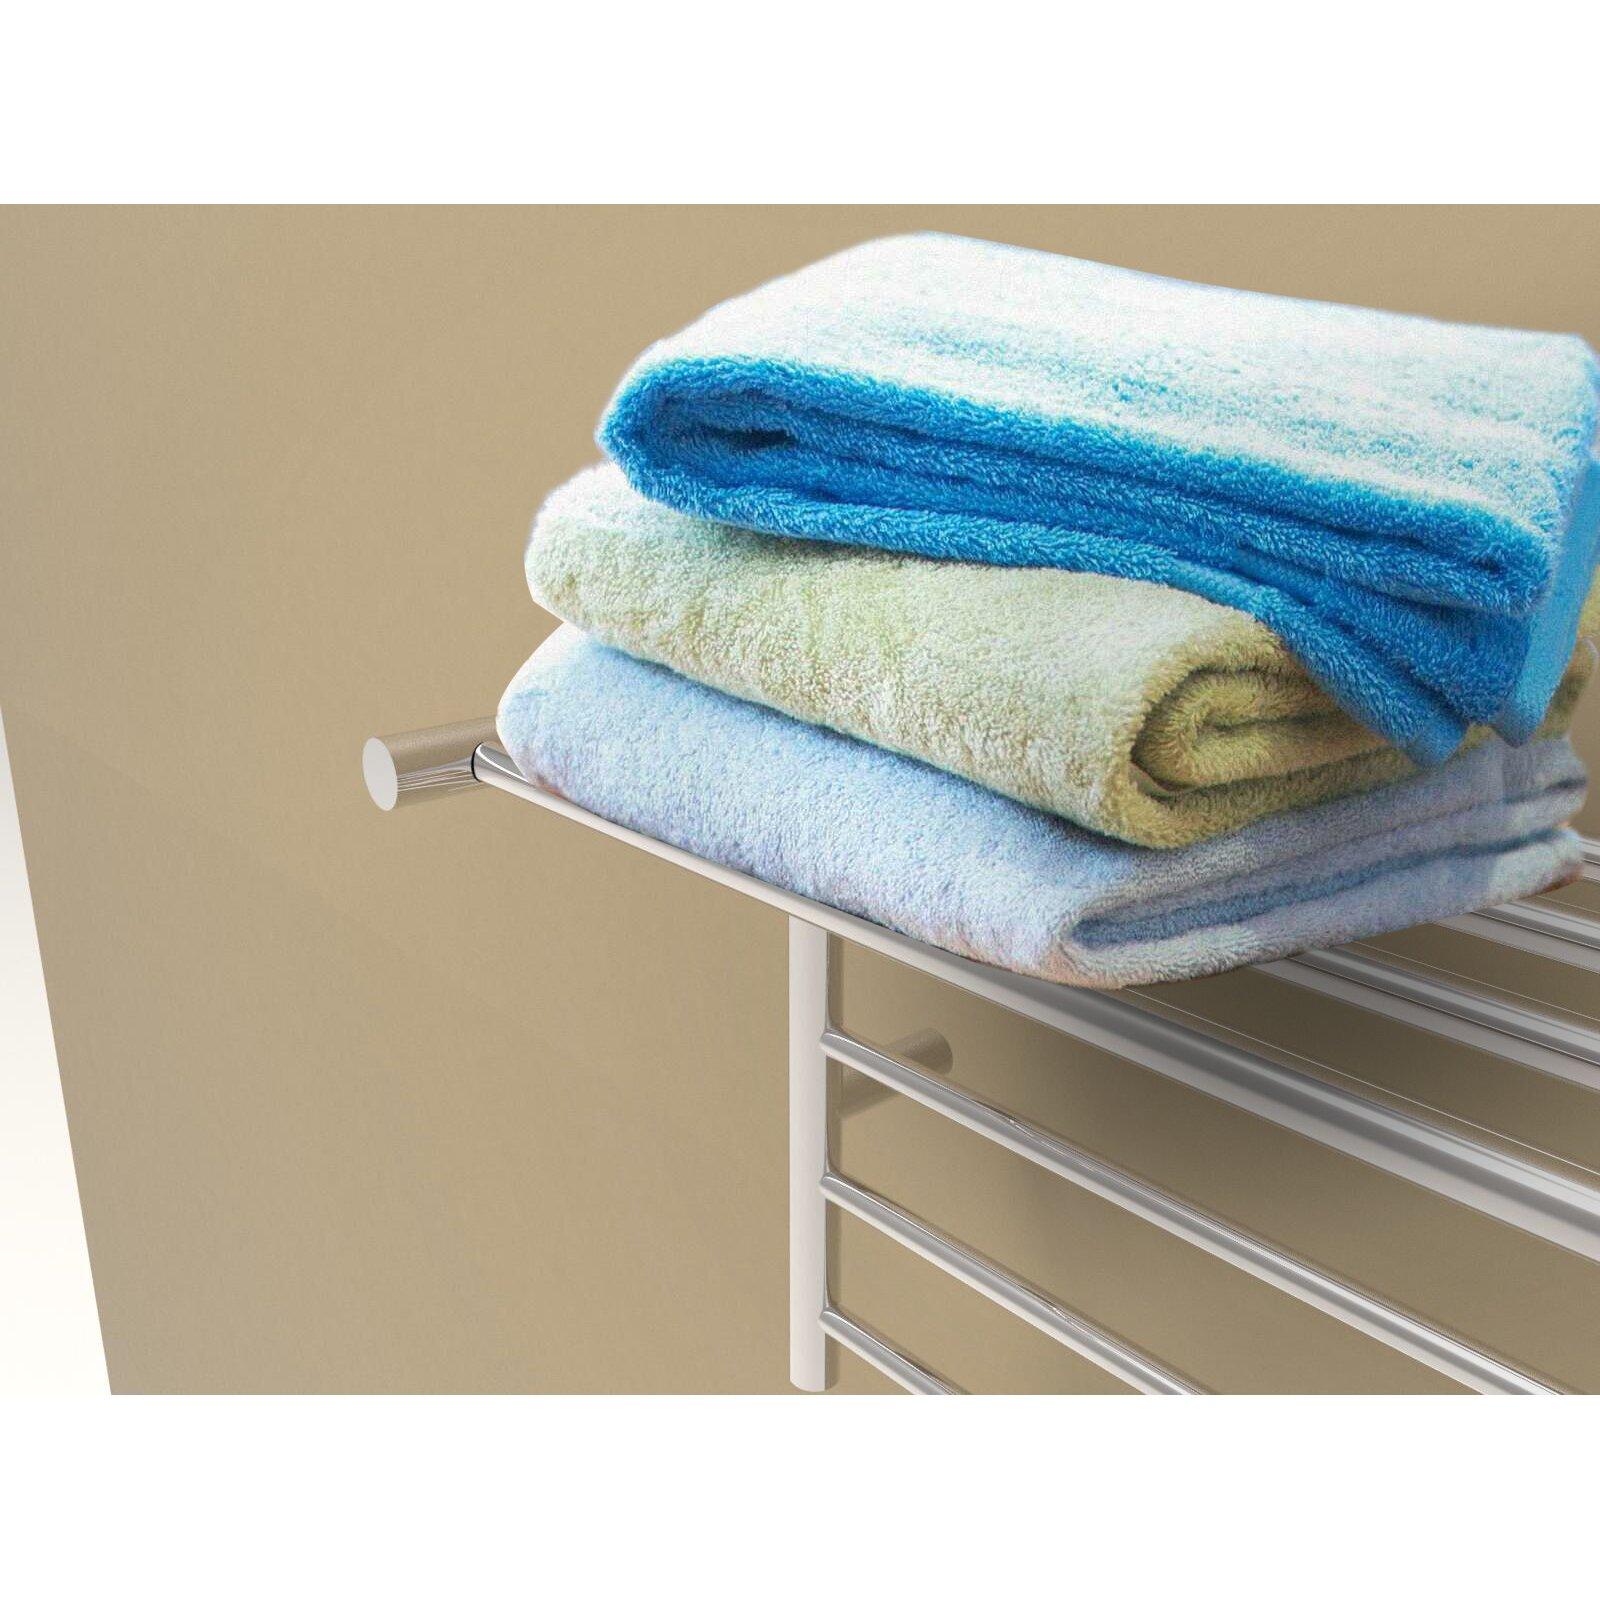 Wall Mounted Electric Towel Warmer ~ Amba radiant wall mount electric towel warmer wayfair